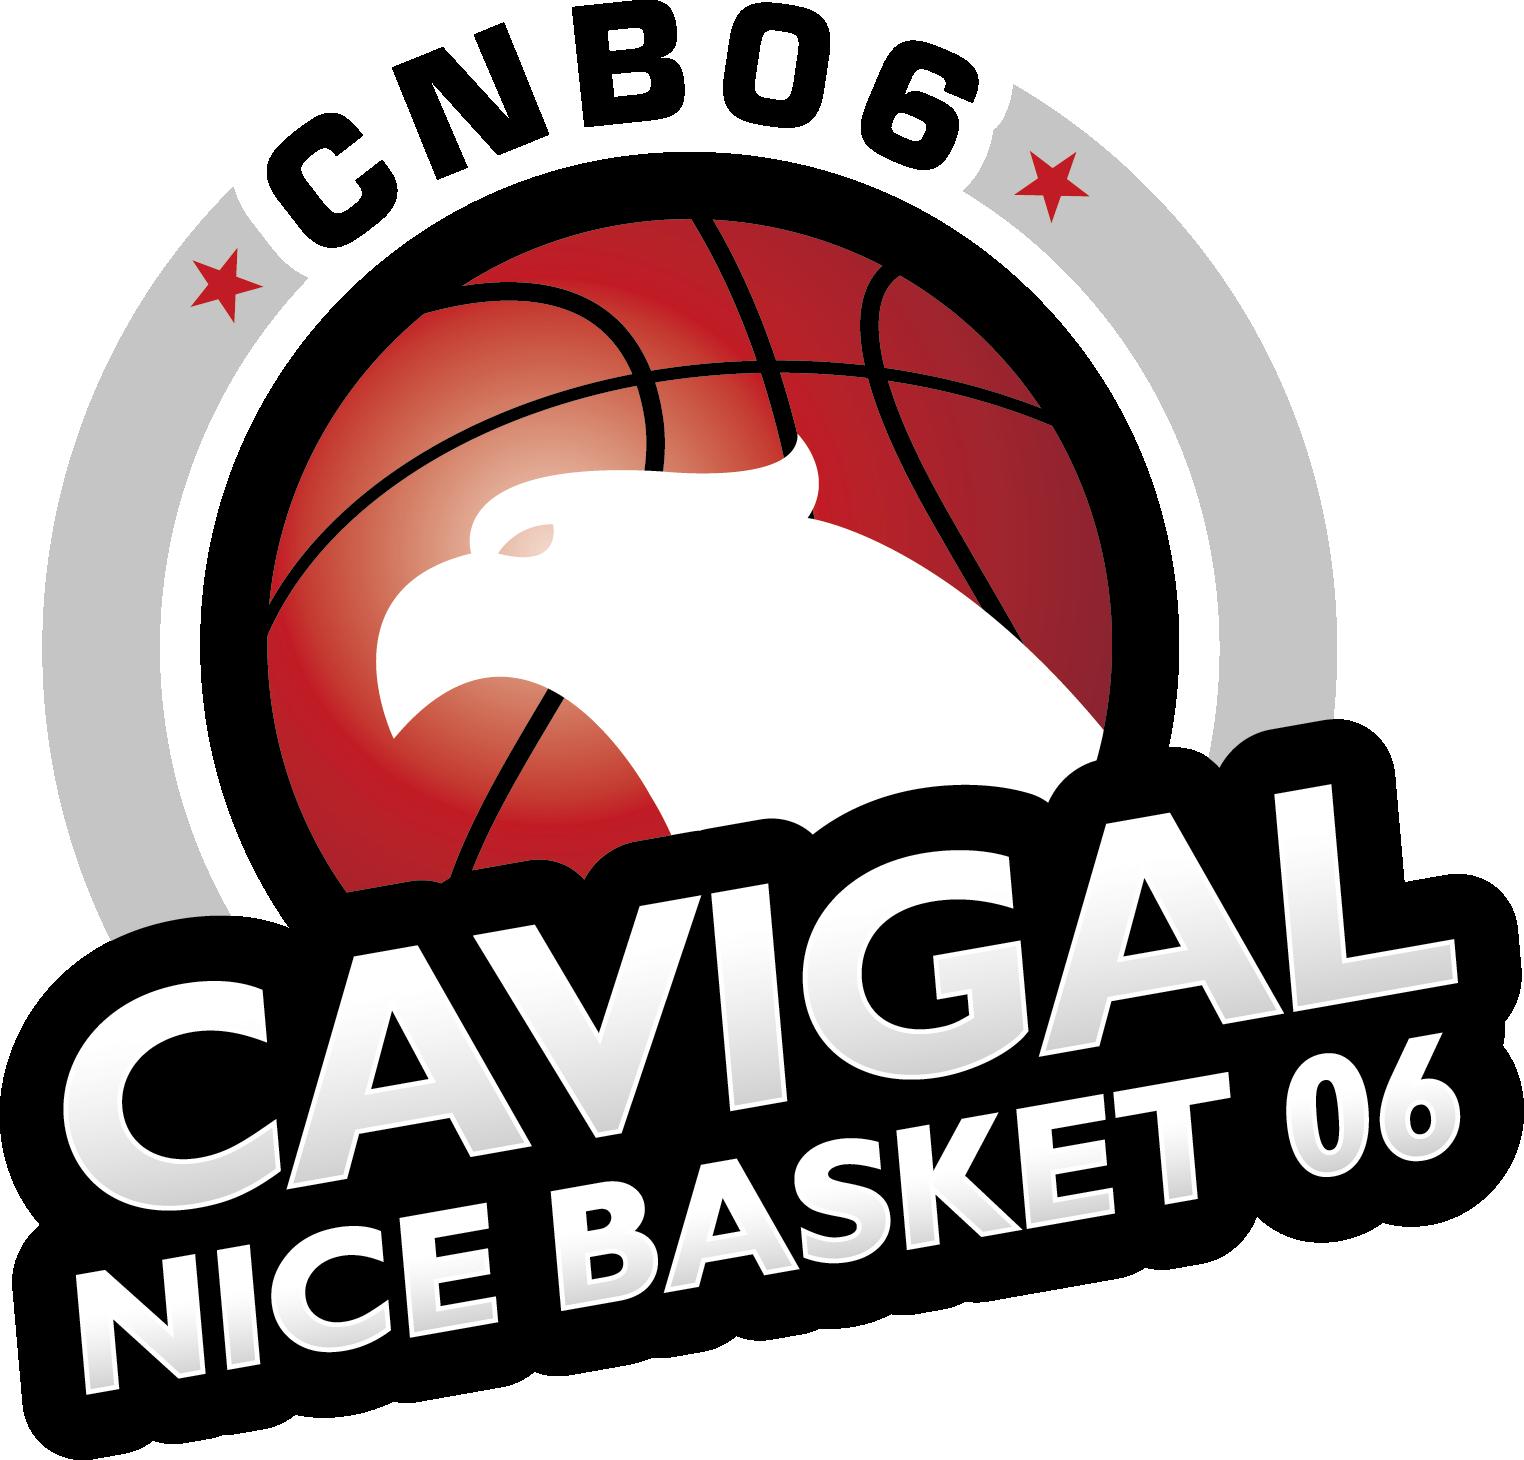 cnb06-logo-fd-blanc